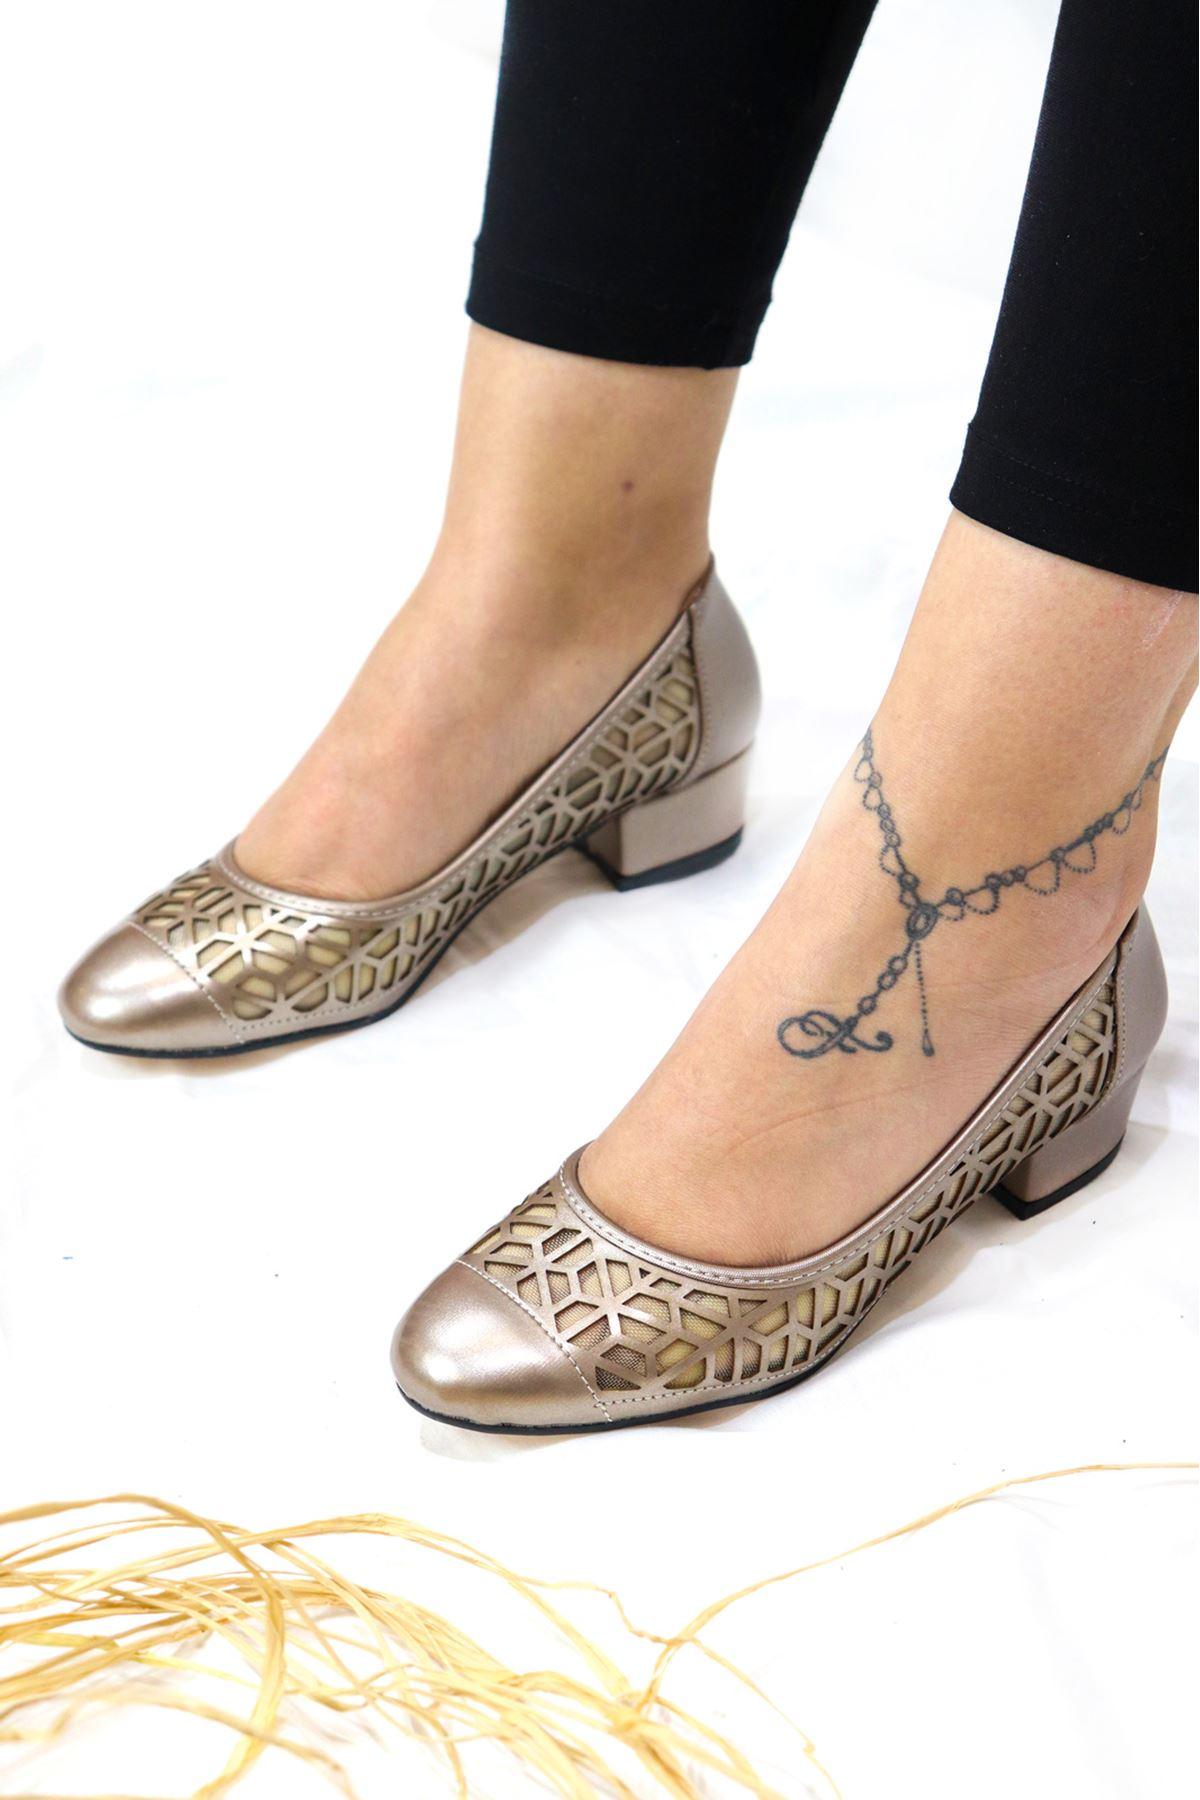 Trendayakkabı -  1 Platin Kadın Topuklu Ayakkabı